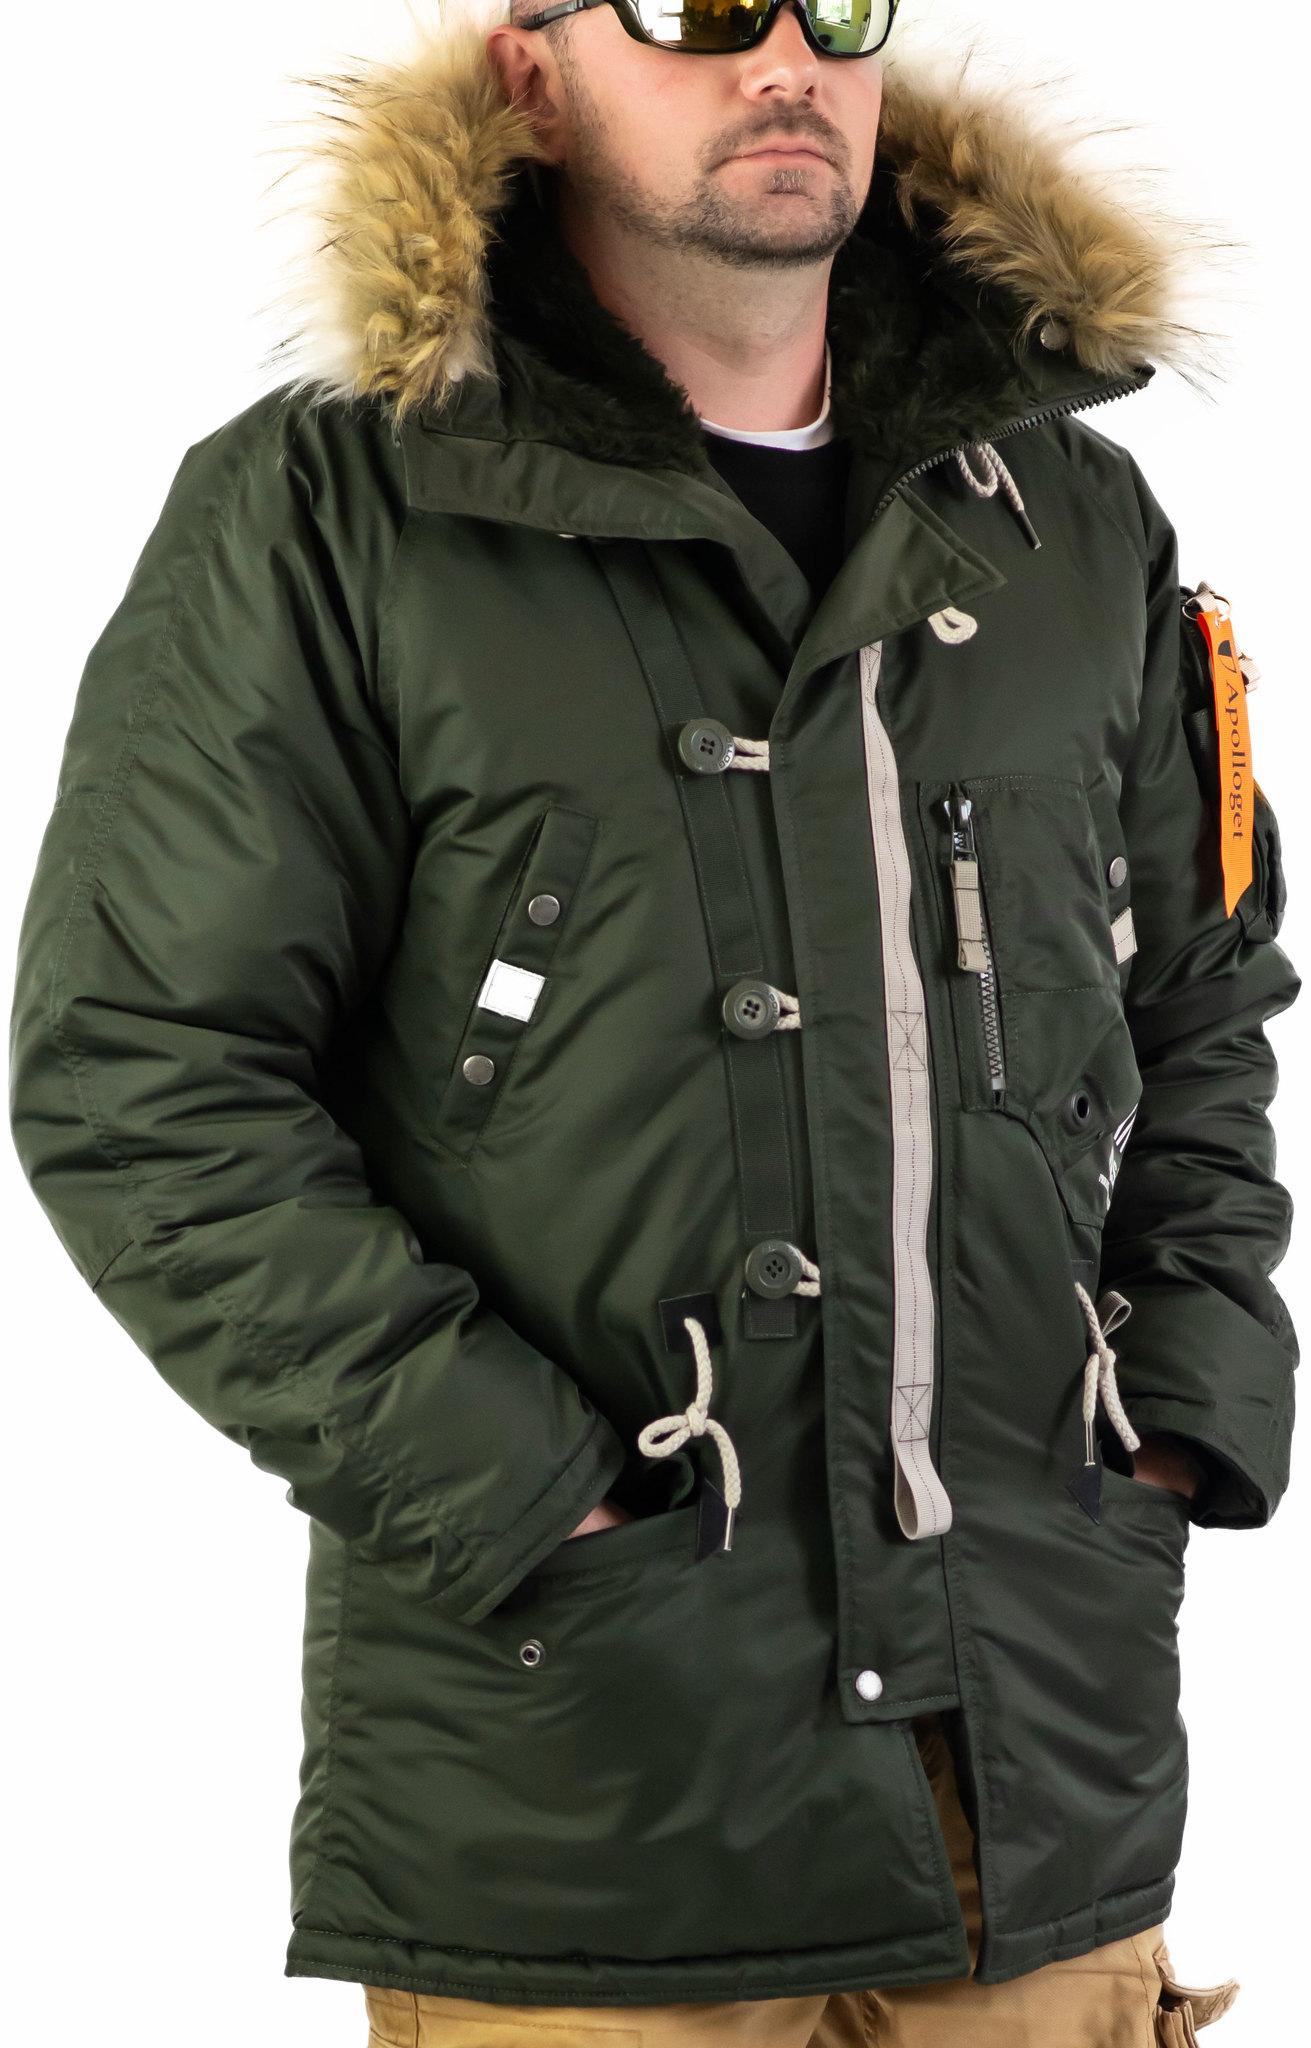 Куртка Аляска  Apolloget Sapporo 2019 (т.зеленая - forest night)